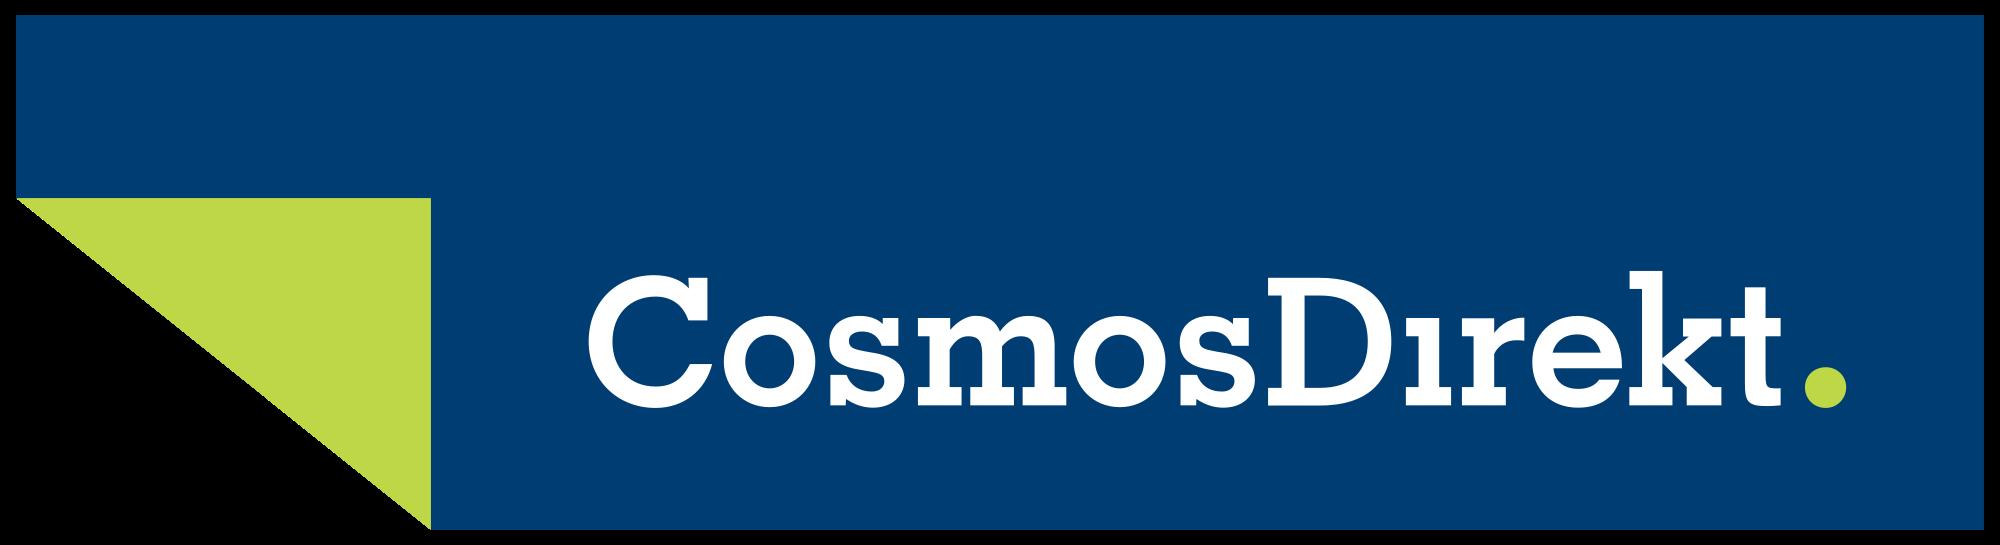 Cosmos Direkt Bauherrenhaftpflicht Im Vergleich 08 2019 Kosten